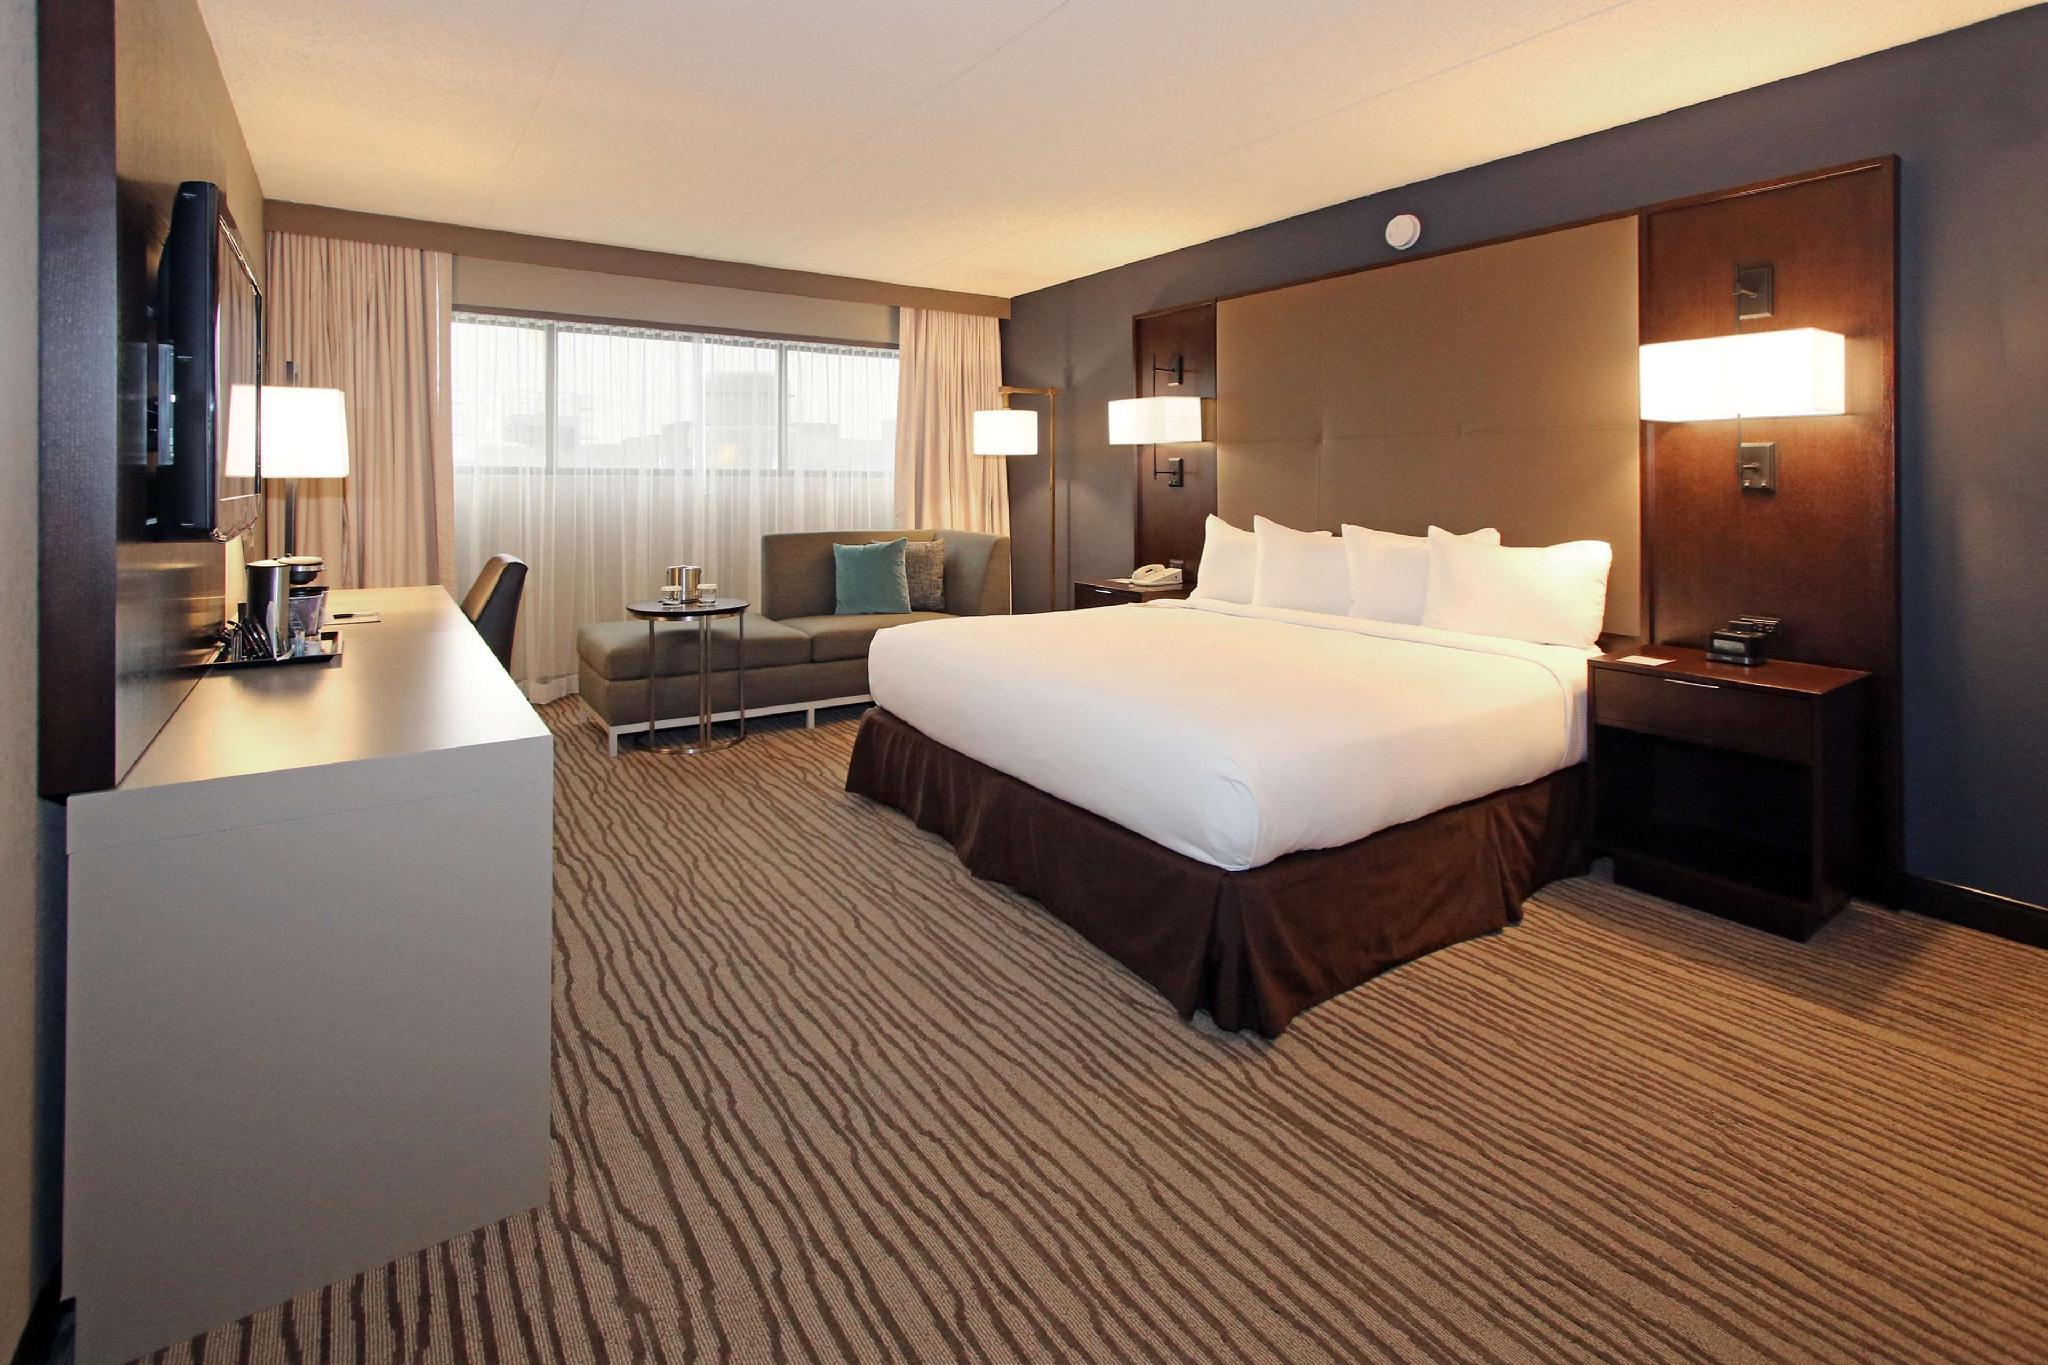 Doubletree by Hilton Newark Airport Hotel in Newark (NJ